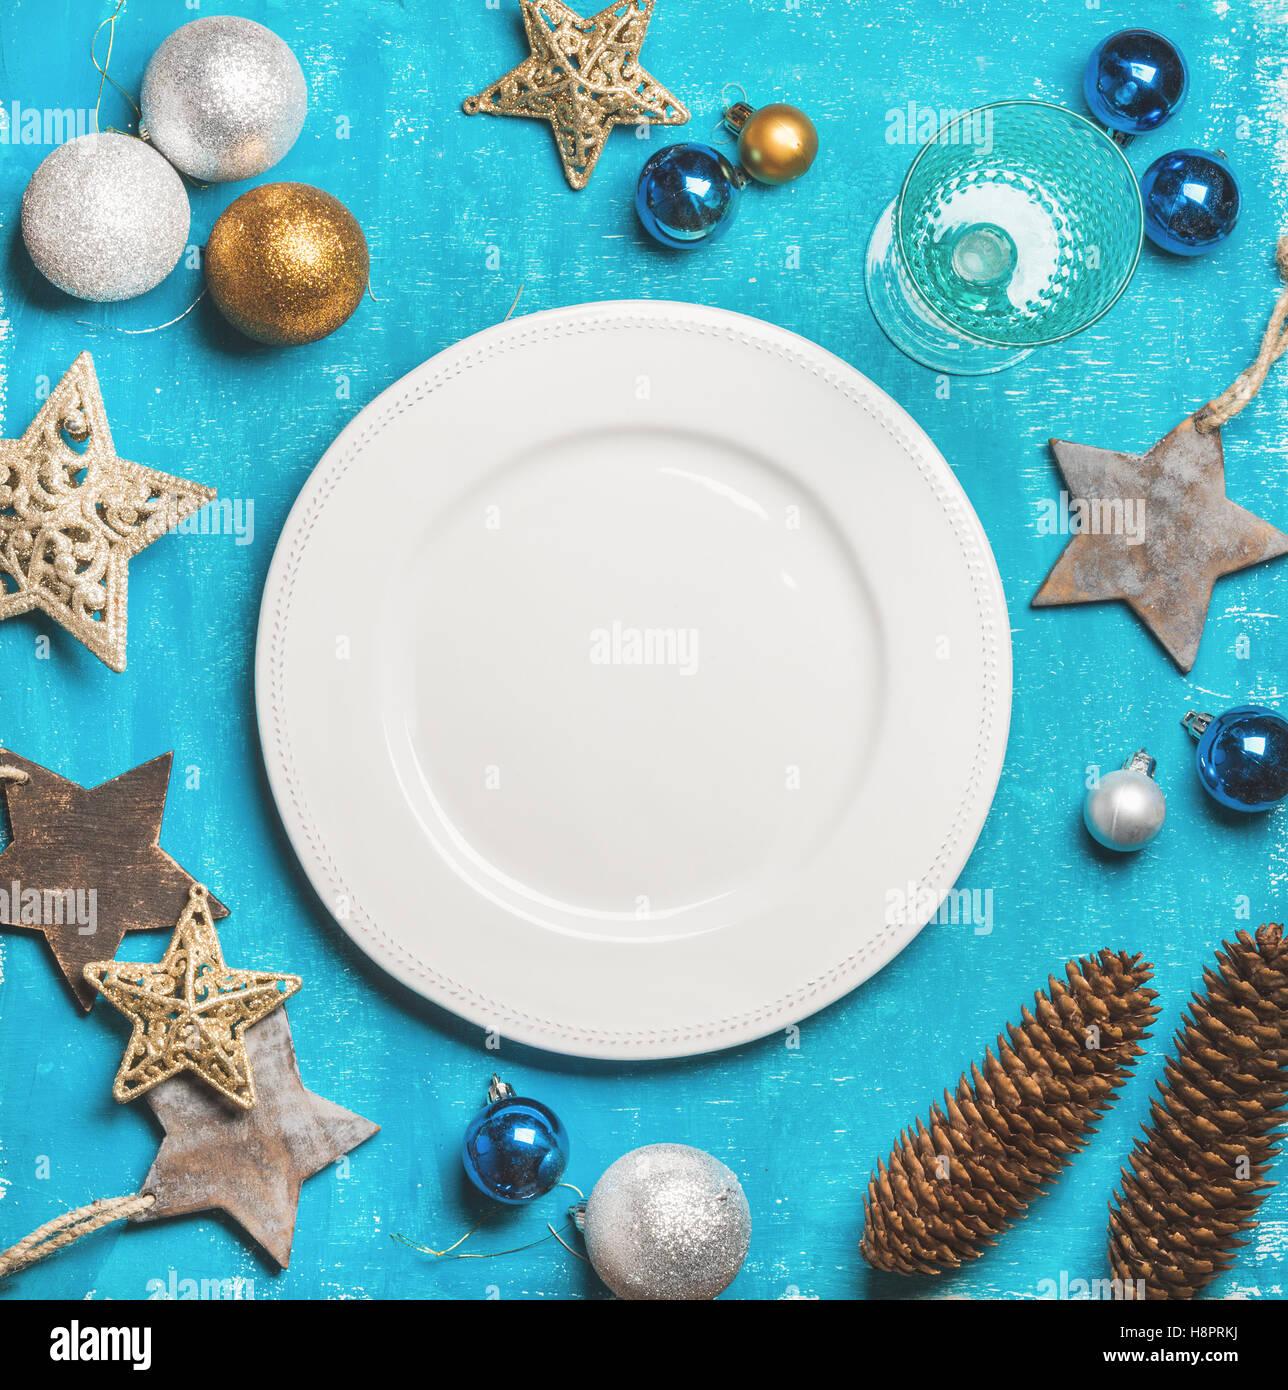 Weihnachten, Neujahr Urlaub Hintergrund mit weißer Teller, Textfreiraum Stockbild